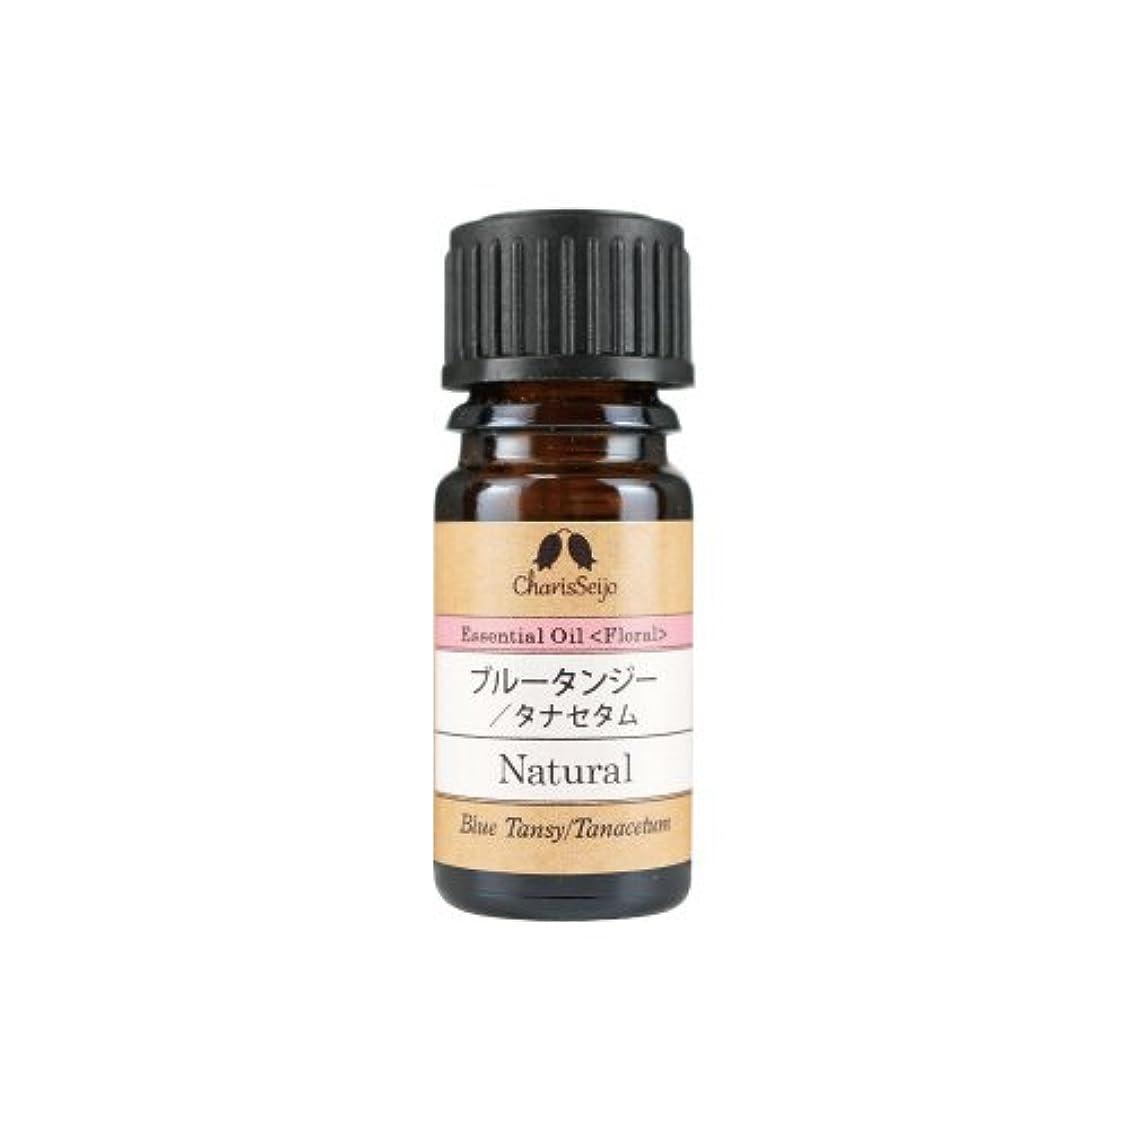 染色混合ワーカーカリス エッセンシャルオイル ブルータンジー/タナセタム 10ml